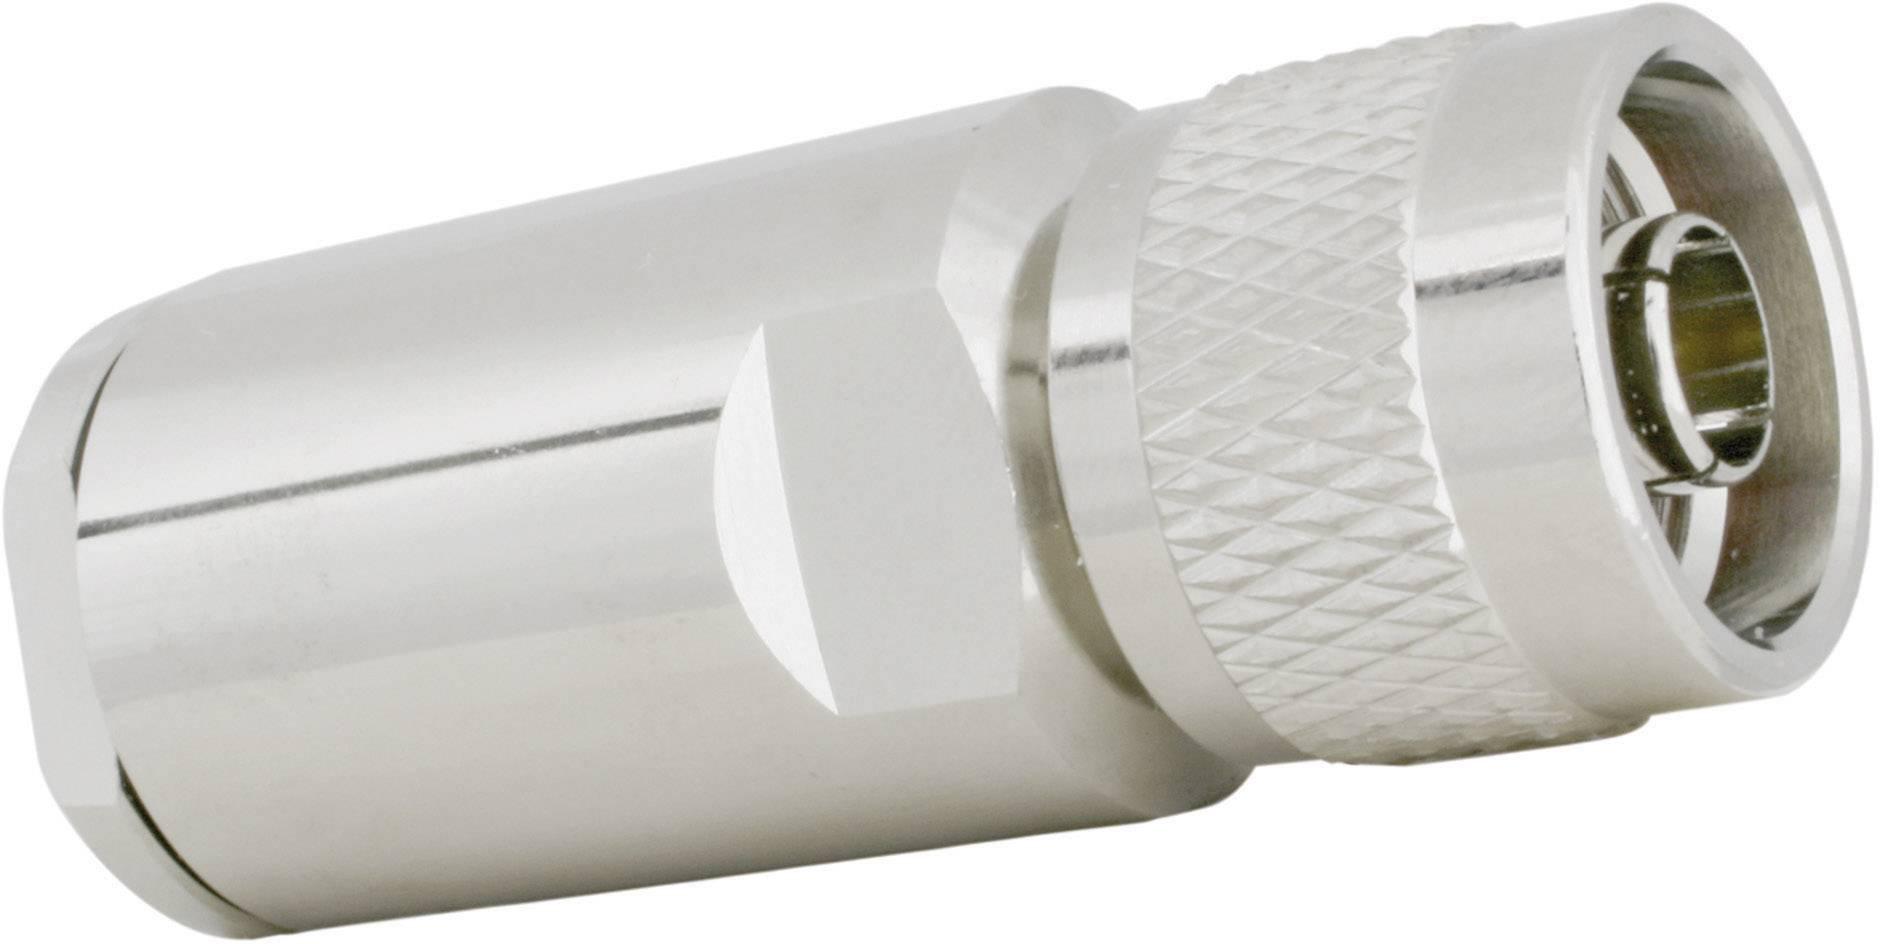 Konektor N SSB Ecoflex15 Plus (7395), 50 Ω, zástrčka rovná